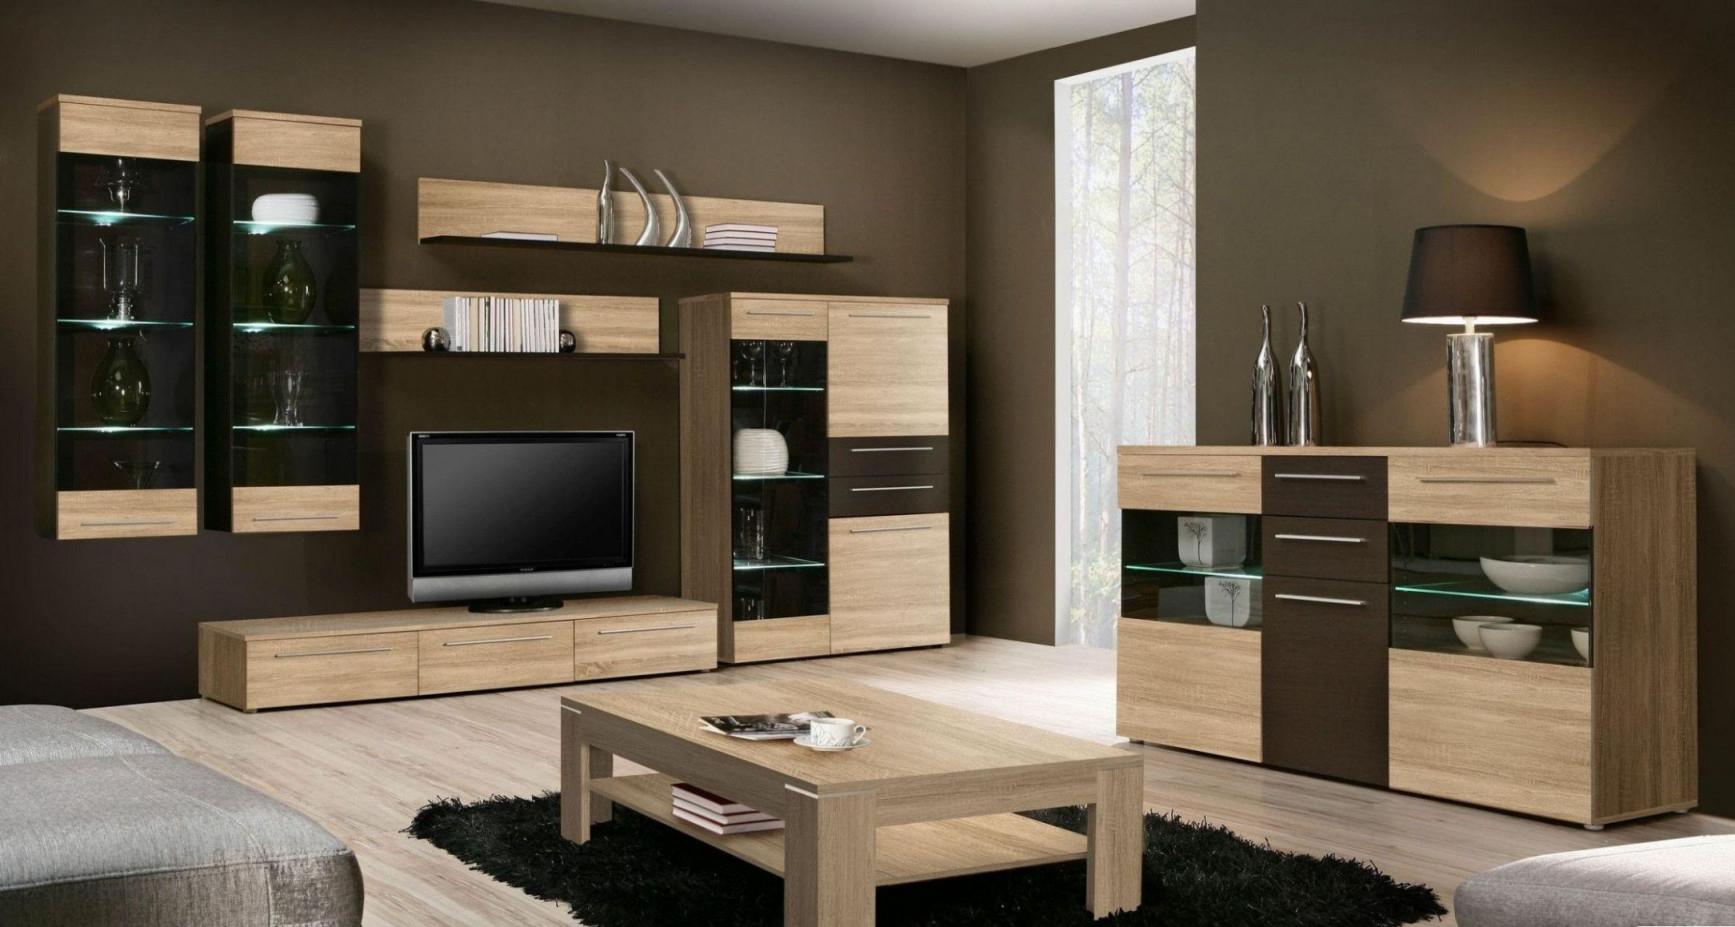 Wohnzimmermöbel Neu Gestalten  Haus Ideen von Wohnzimmer Neu Einrichten Photo